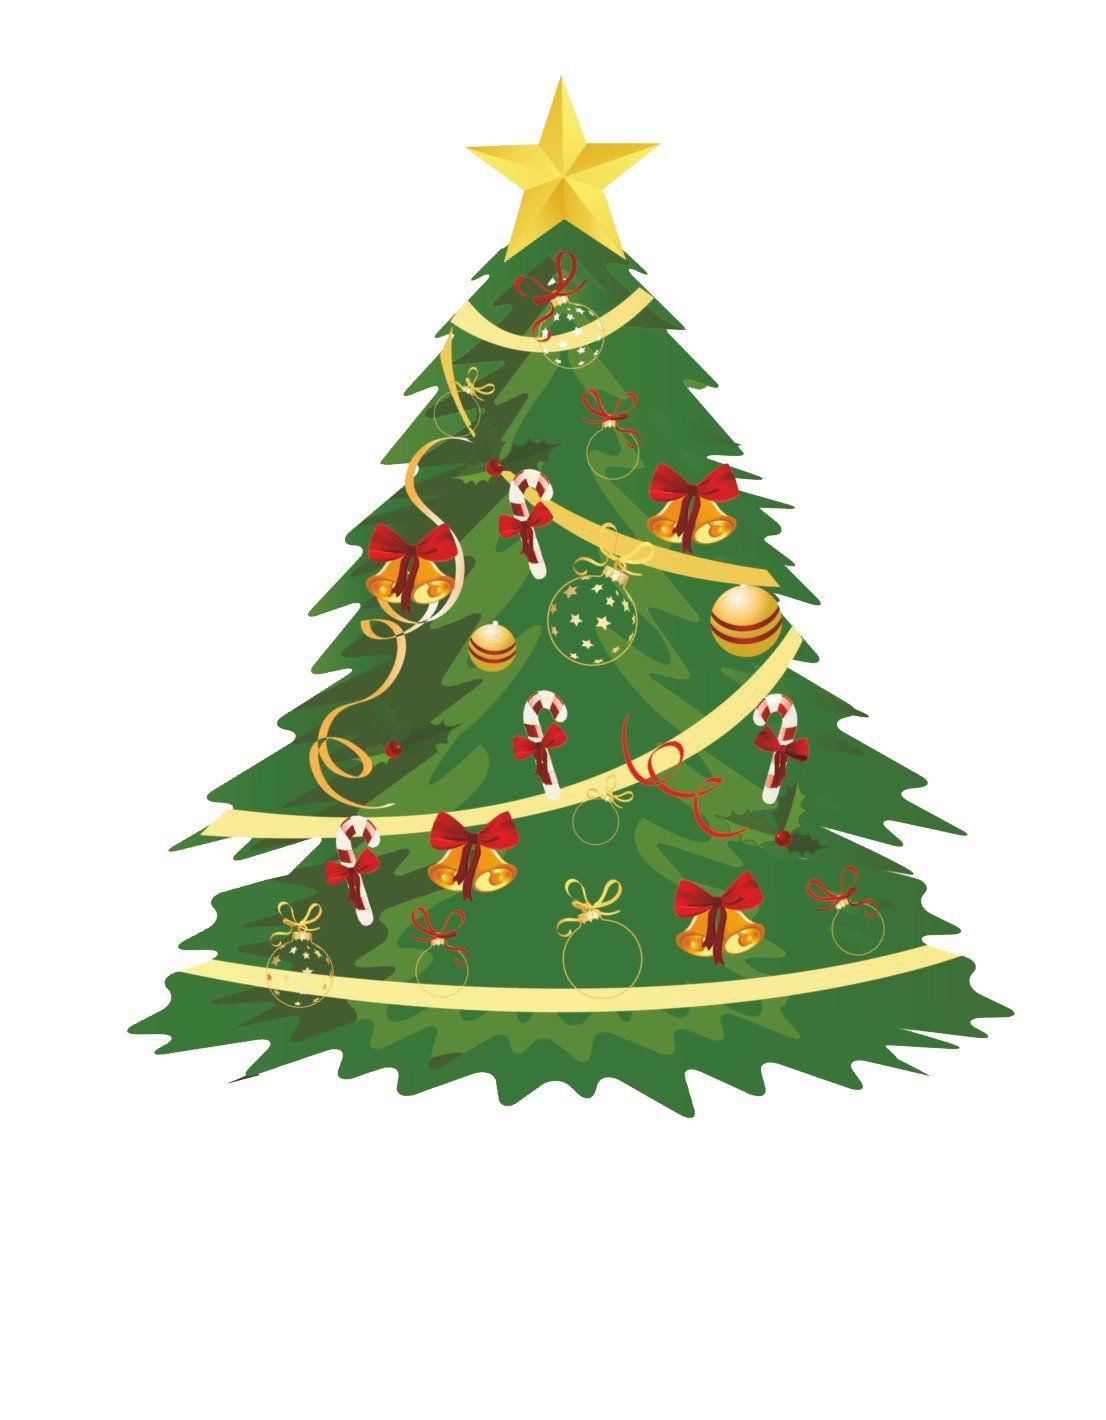 Мини-плакат вырубной Новогодняя елочка: 85х105 ммТовары для оформления и проведения праздника<br>.<br><br>Год: 2017<br>Серия: Вырубные фигуры для оформления<br>Высота: 105<br>Ширина: 85<br>Переплёт: набор